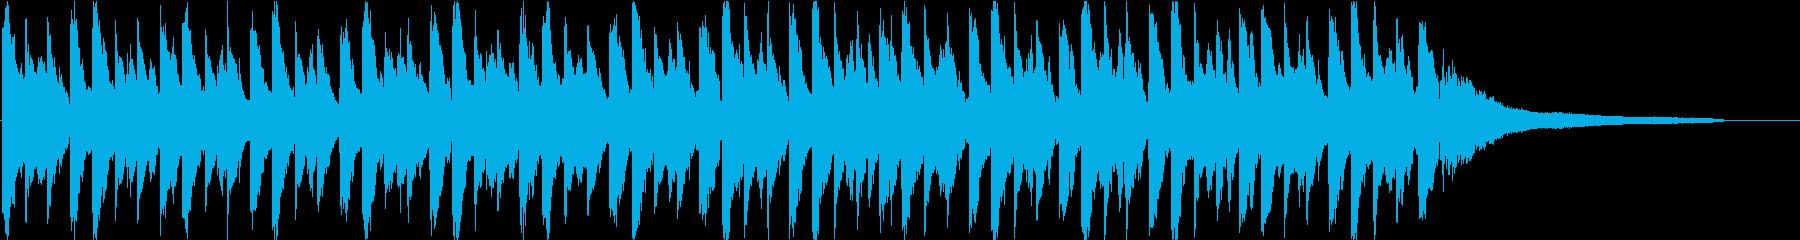 企業VP・オープニングジングル・感動的の再生済みの波形